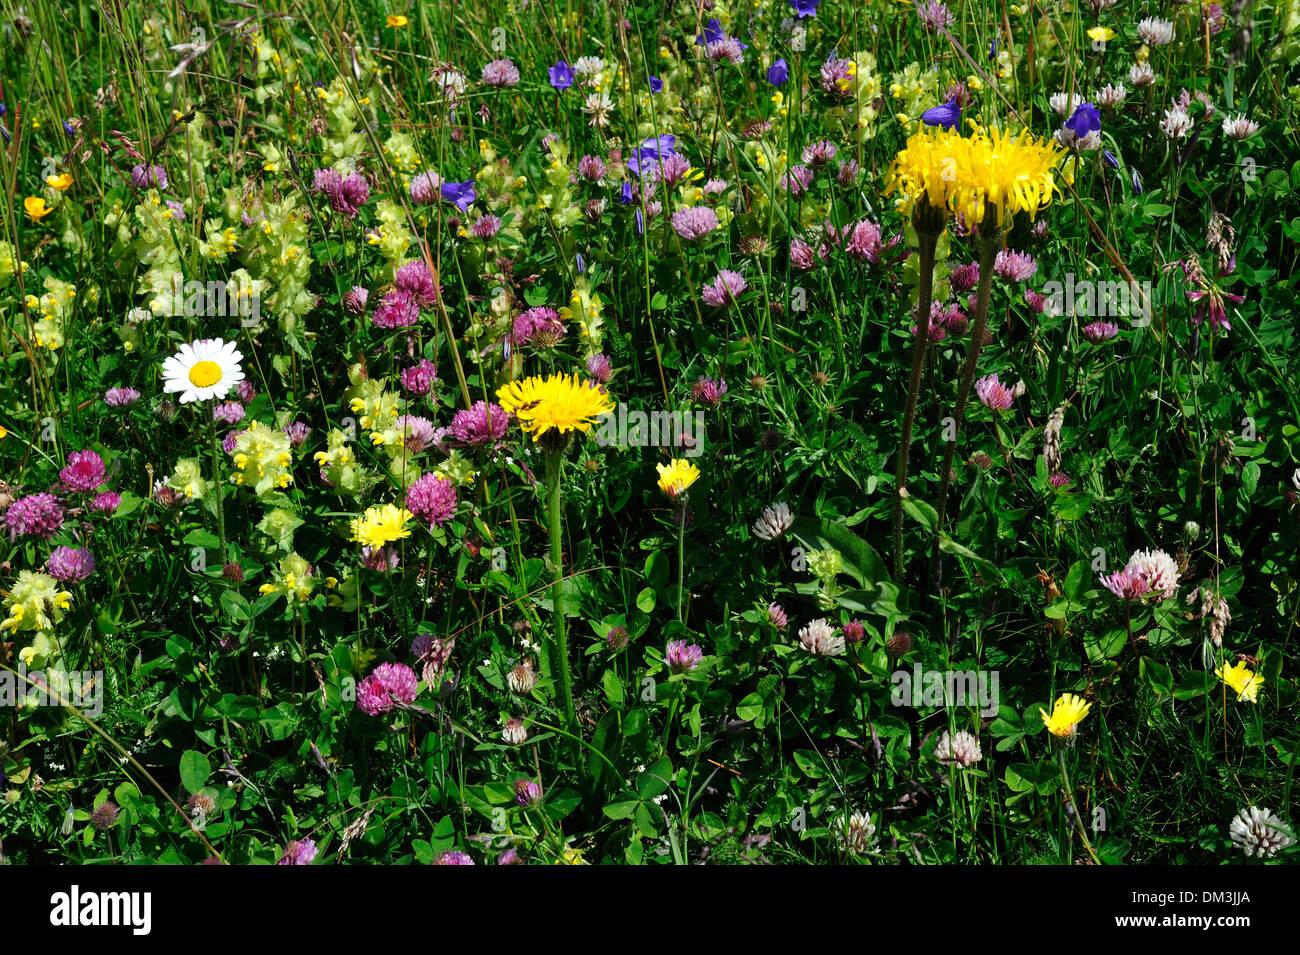 Almwiese Blume Muster Alpenblumen alpine Weide Blumen Blüten Pflanzen Alpenpflanzen Curtginatsch Wergenstein Stockbild